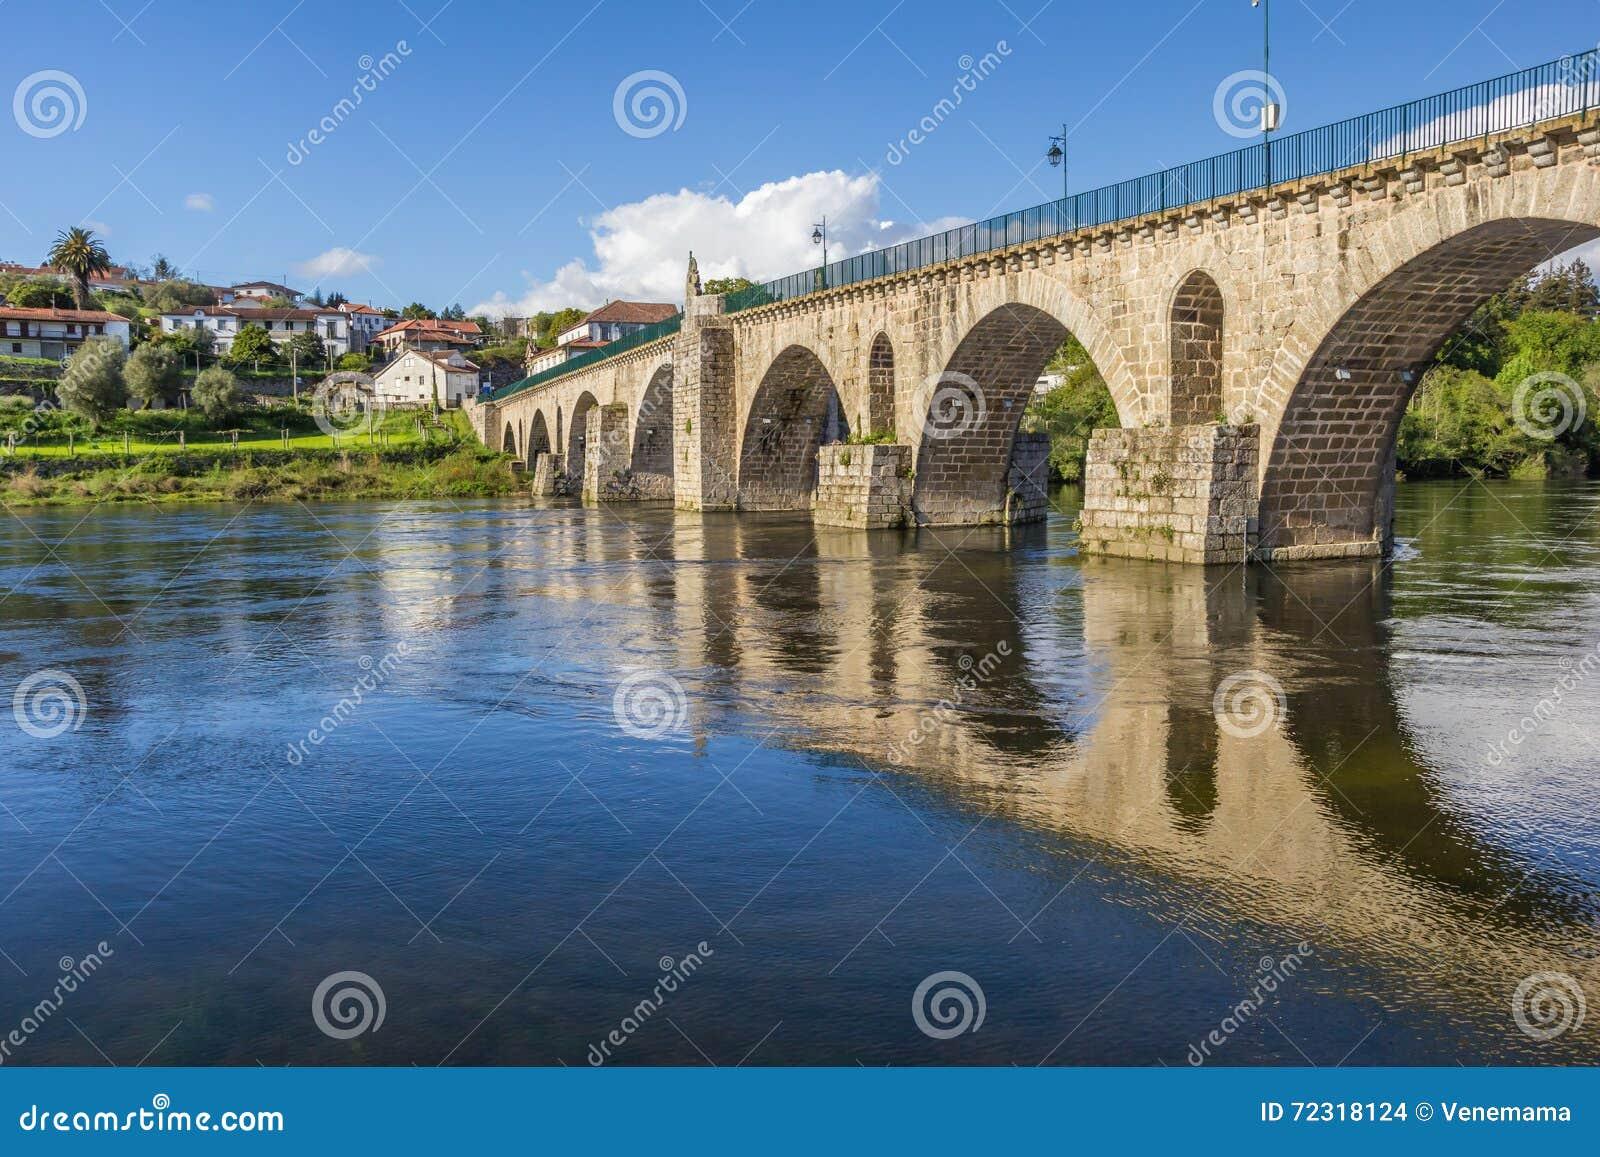 Historische römische Brücke in Ponte DA Barca